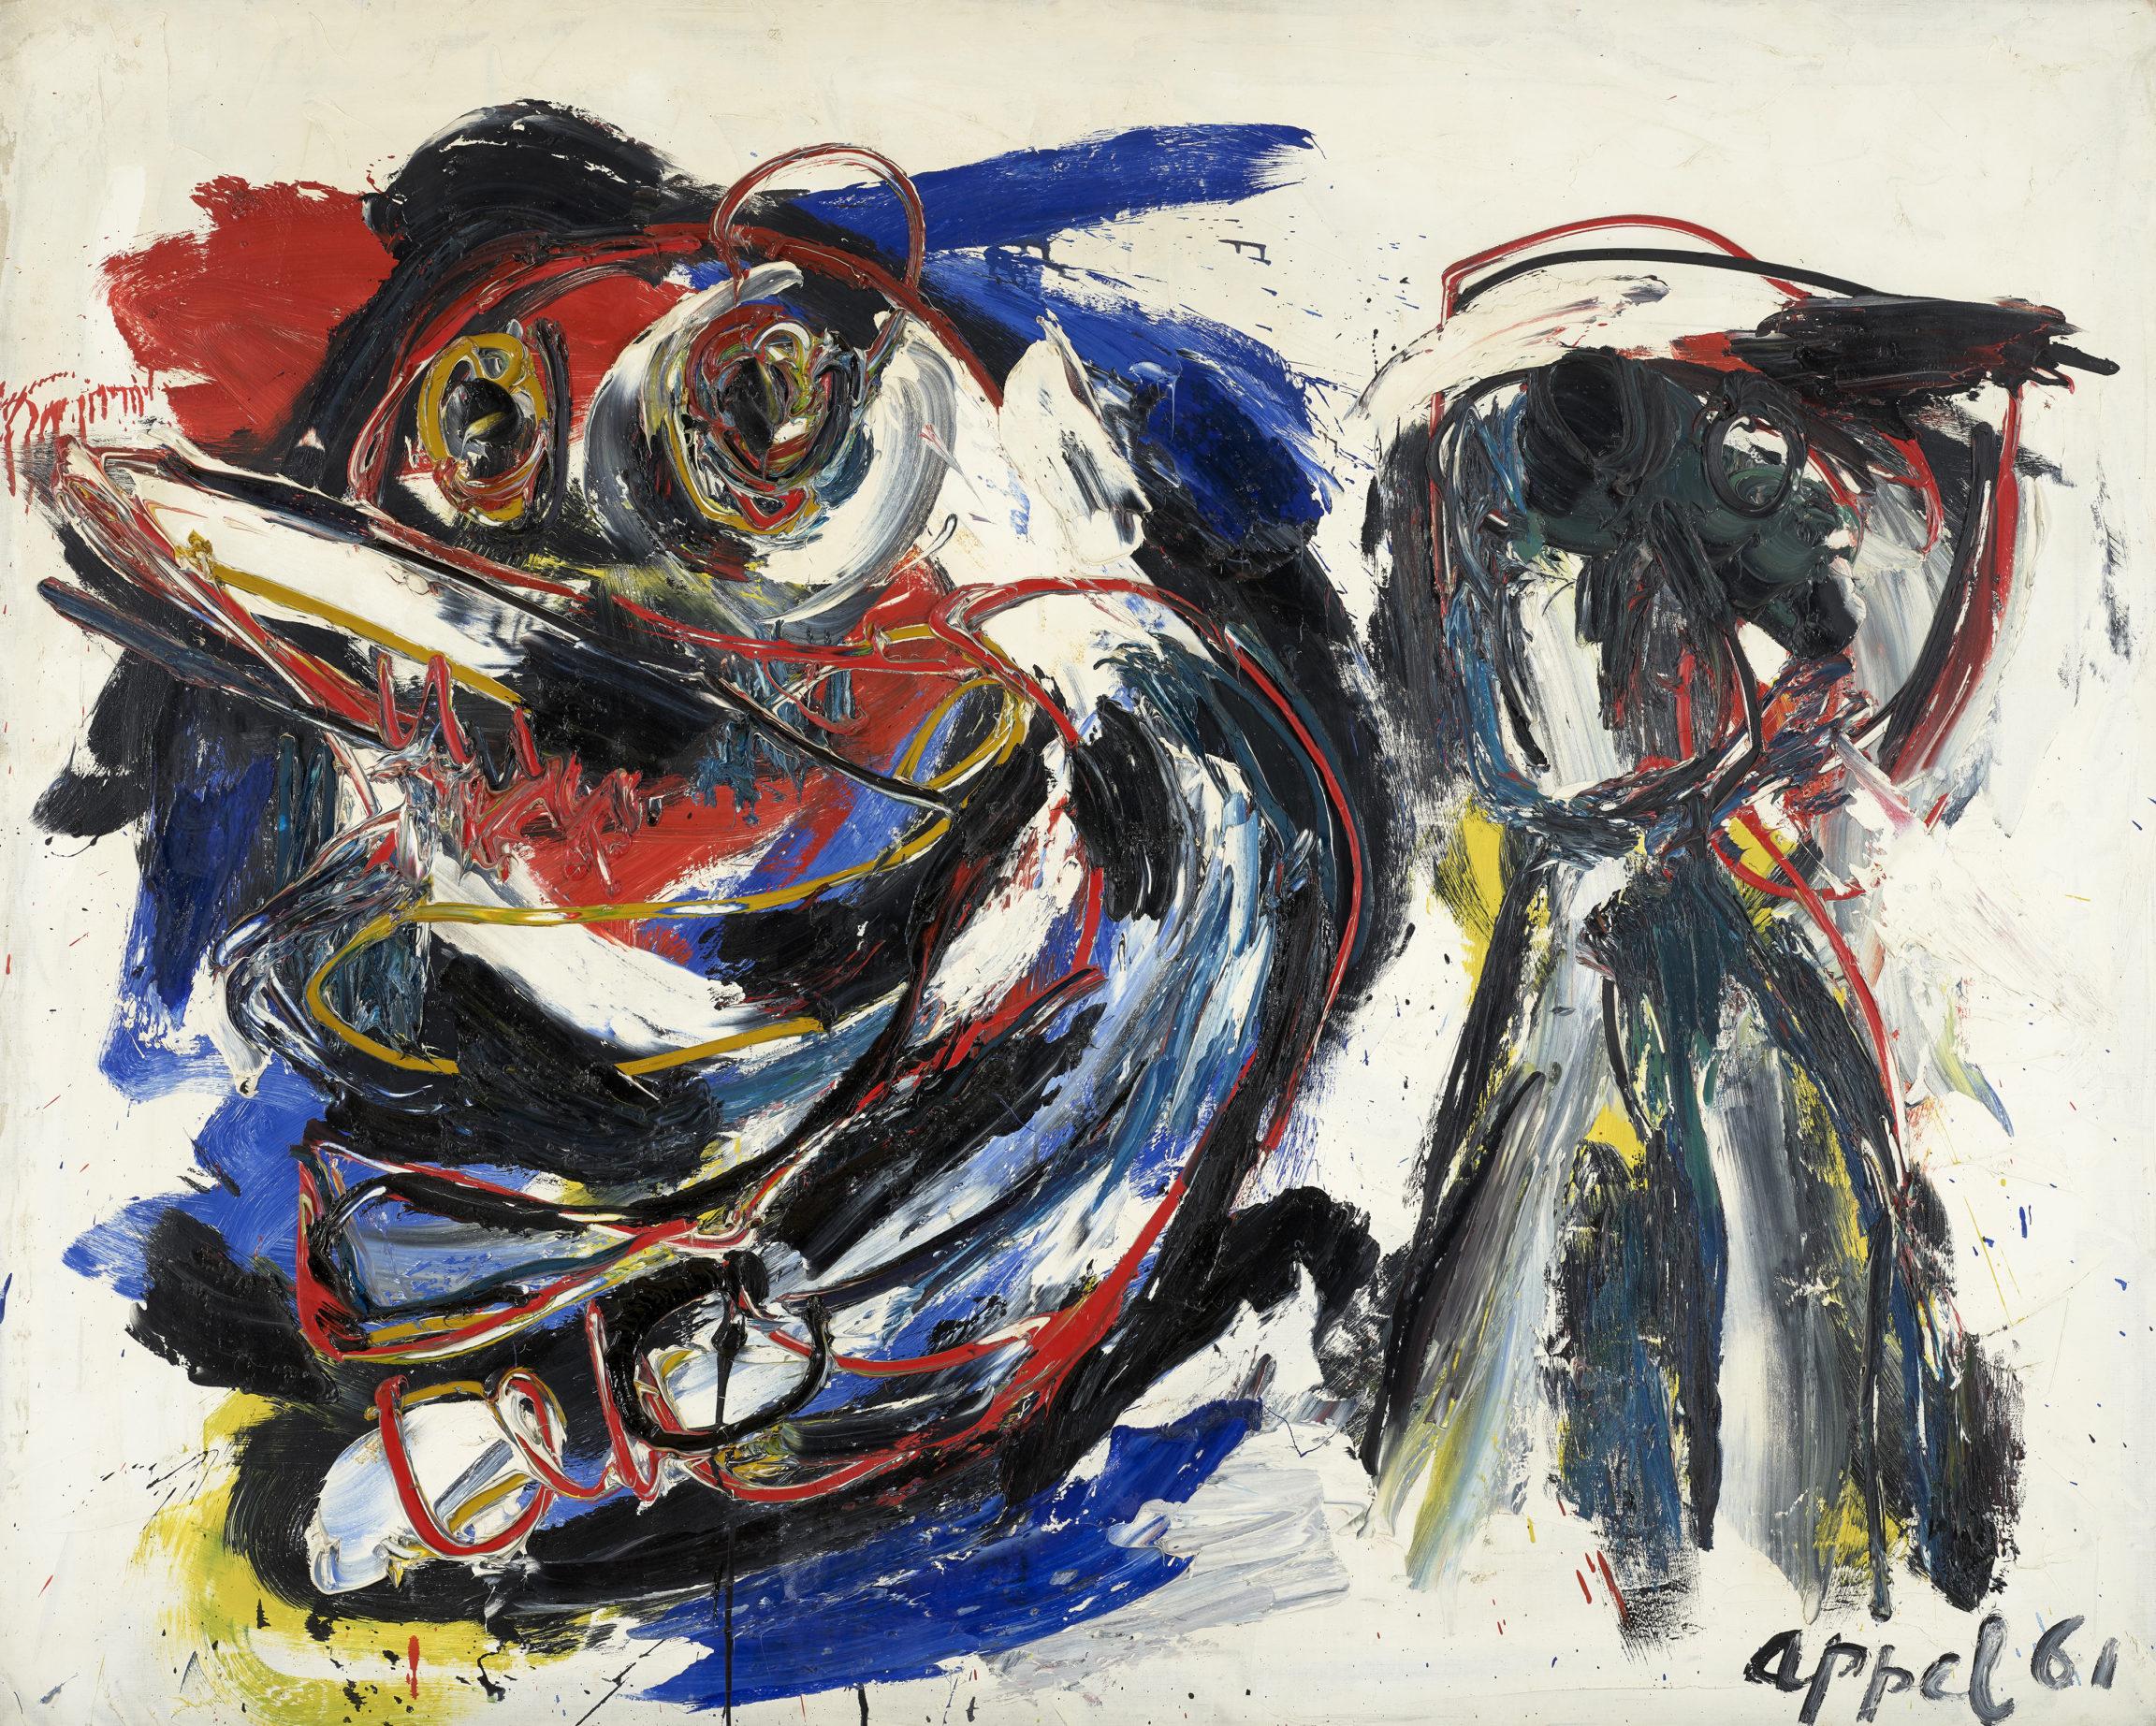 Karel Appel , Varkensmens (Pig Man) or L'arcade (The Arcade), 1961